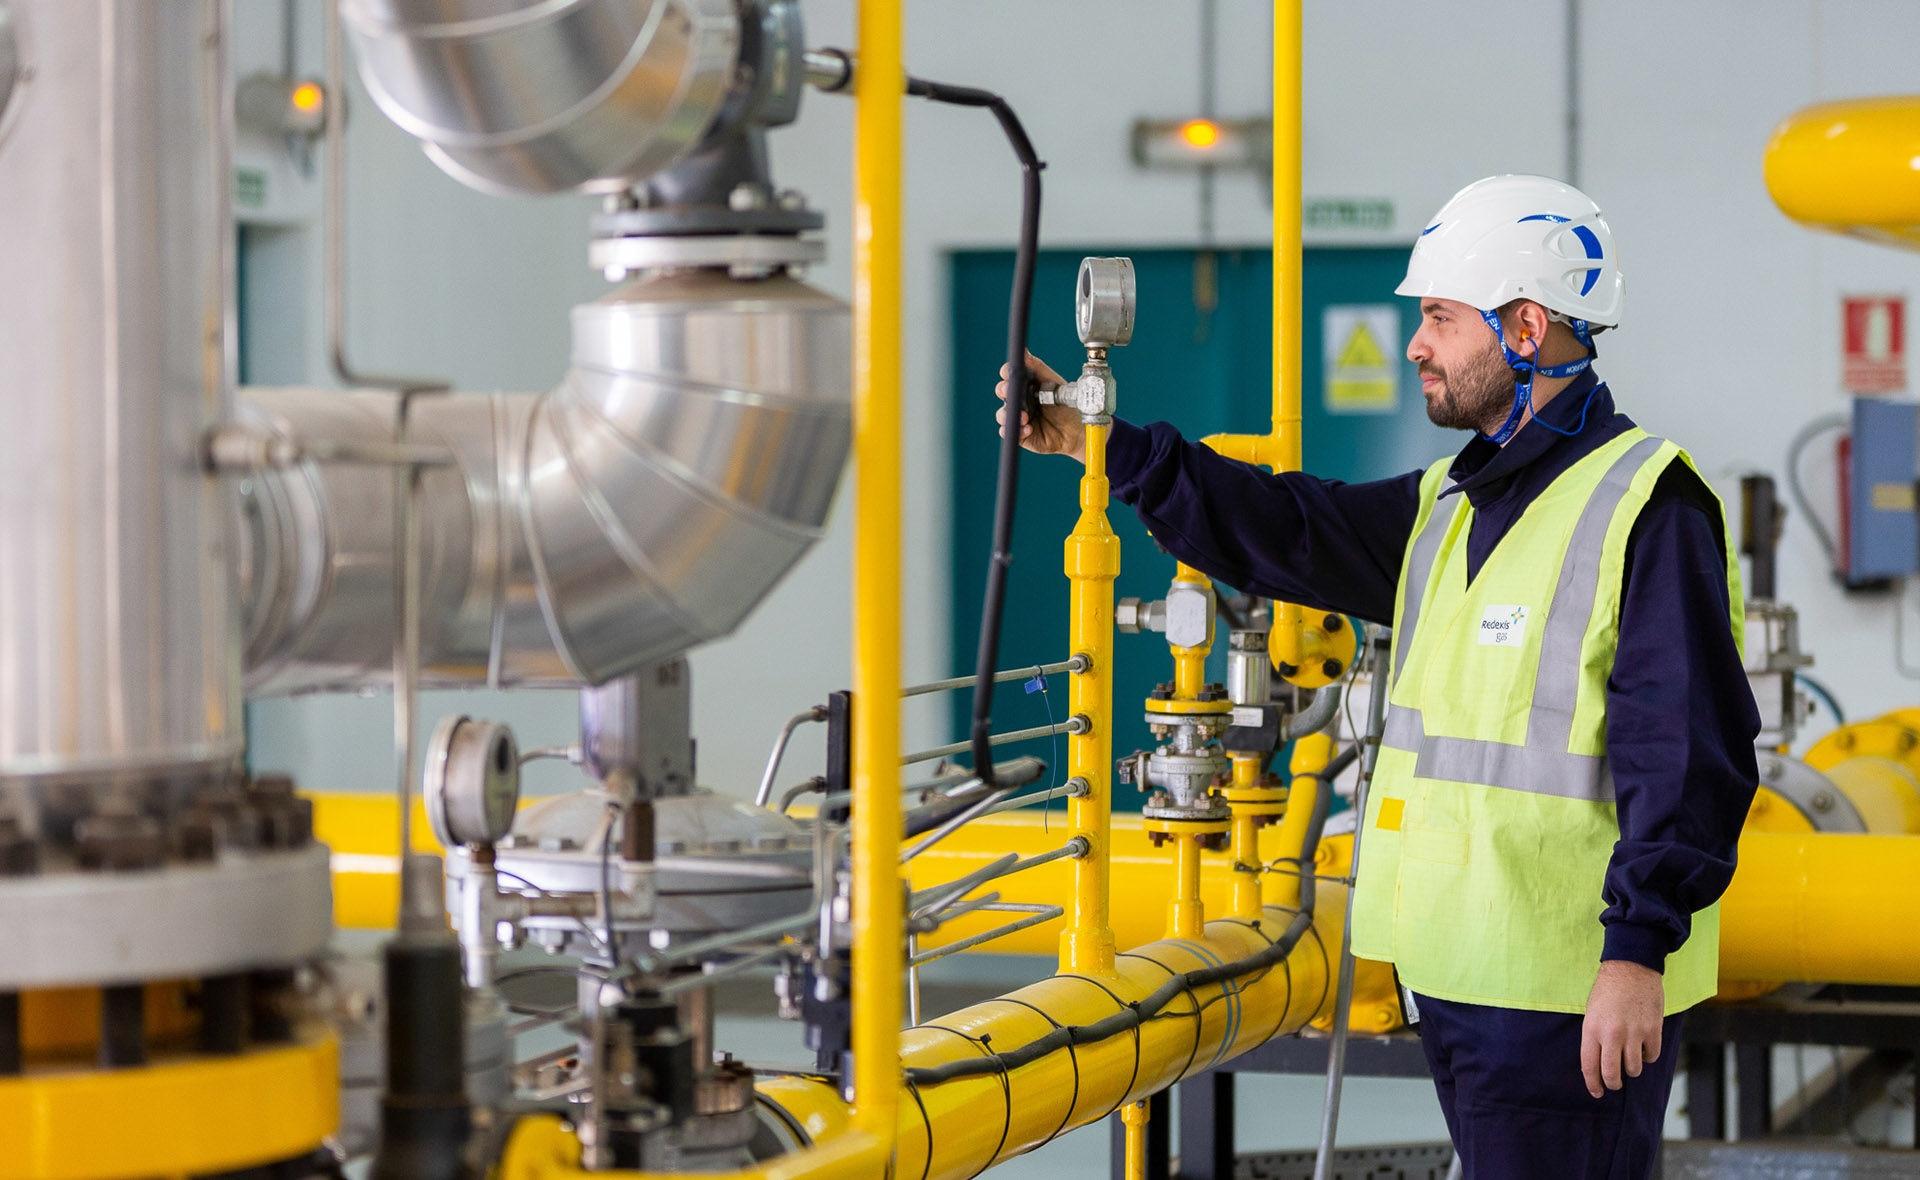 Fotografía de Conductos, tubos, trabajador, empresa, corporación, fábrica